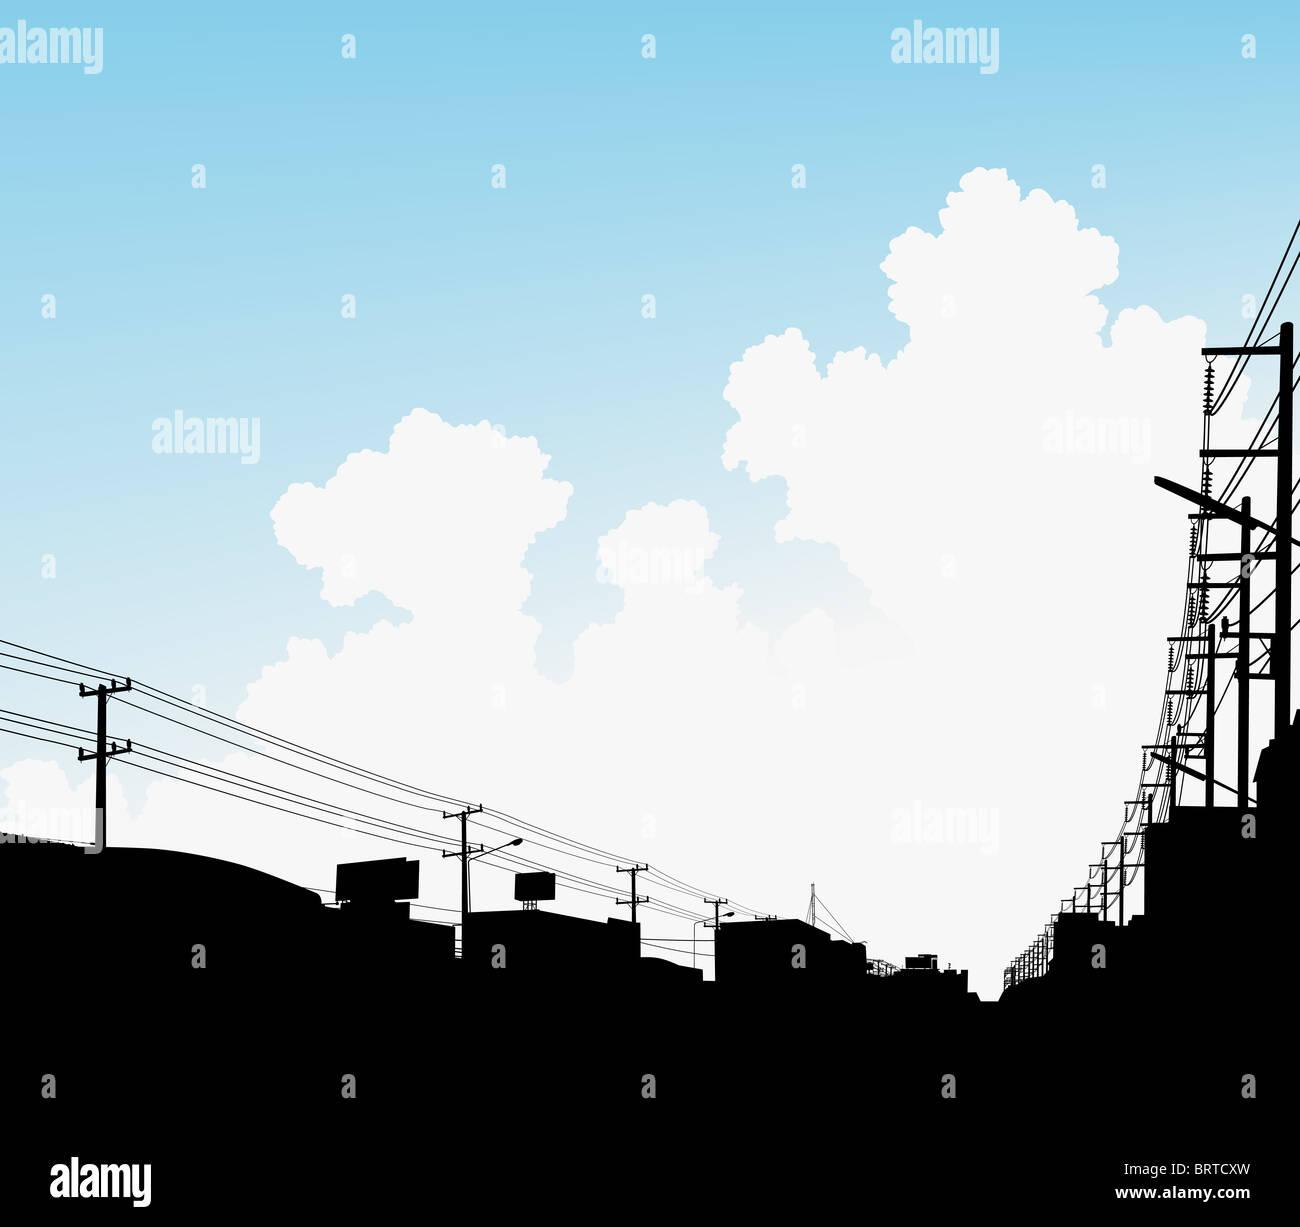 Illustrazione di nuvole sopra una città con copy-spazio Immagini Stock